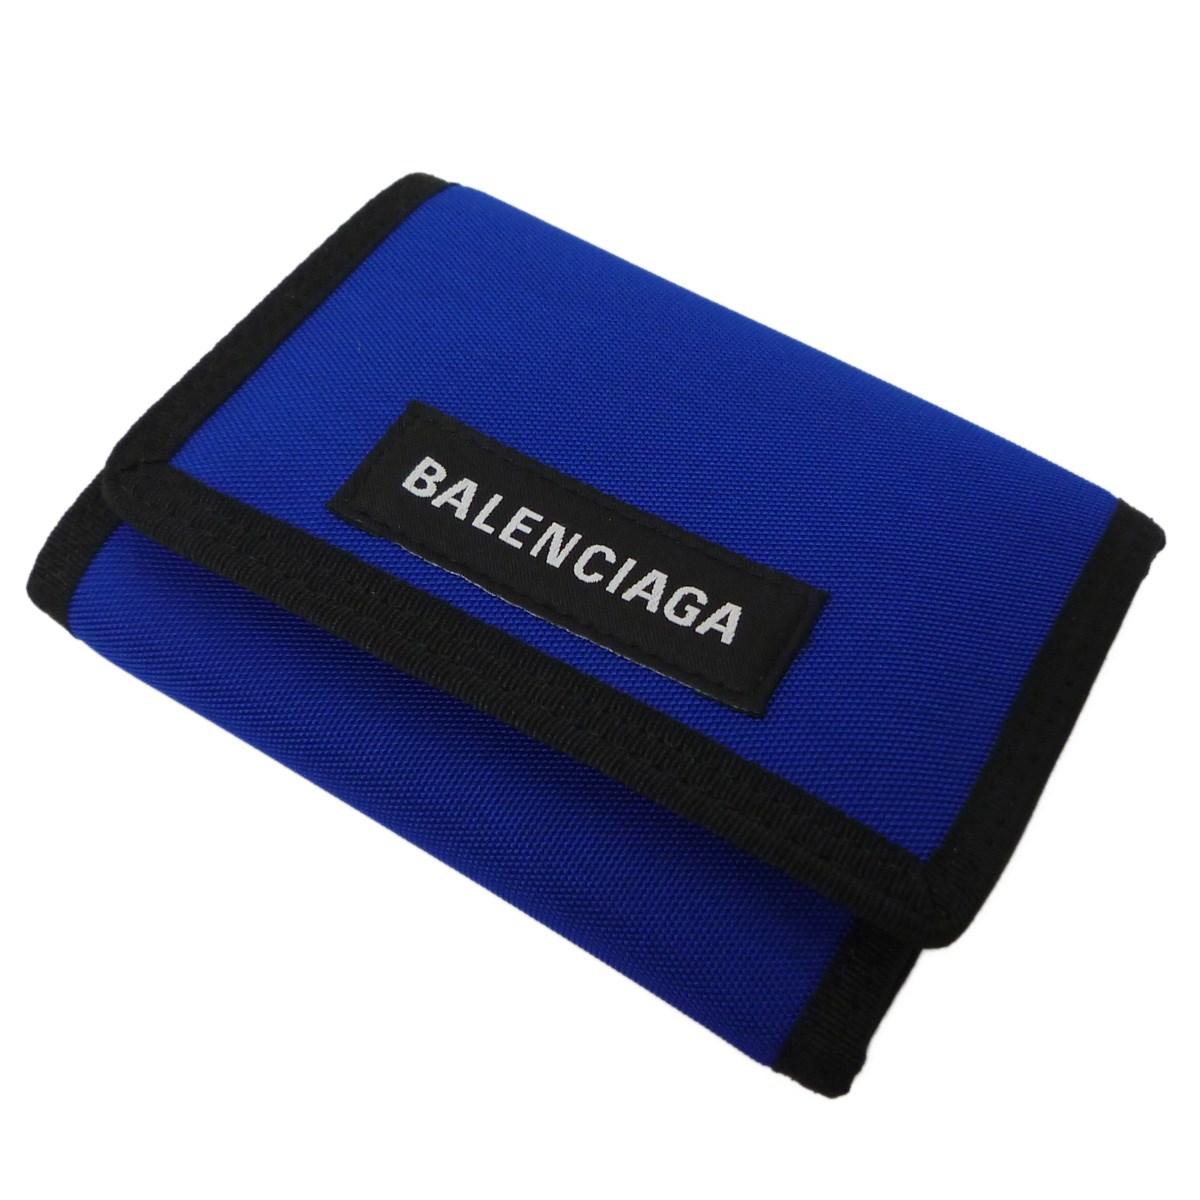 【中古】BALENCIAGA 「EXPLORER SQUARE COIN WALLET」エクスプローラースクエアコインをレット ブルー サイズ:- 【011219】(バレンシアガ)